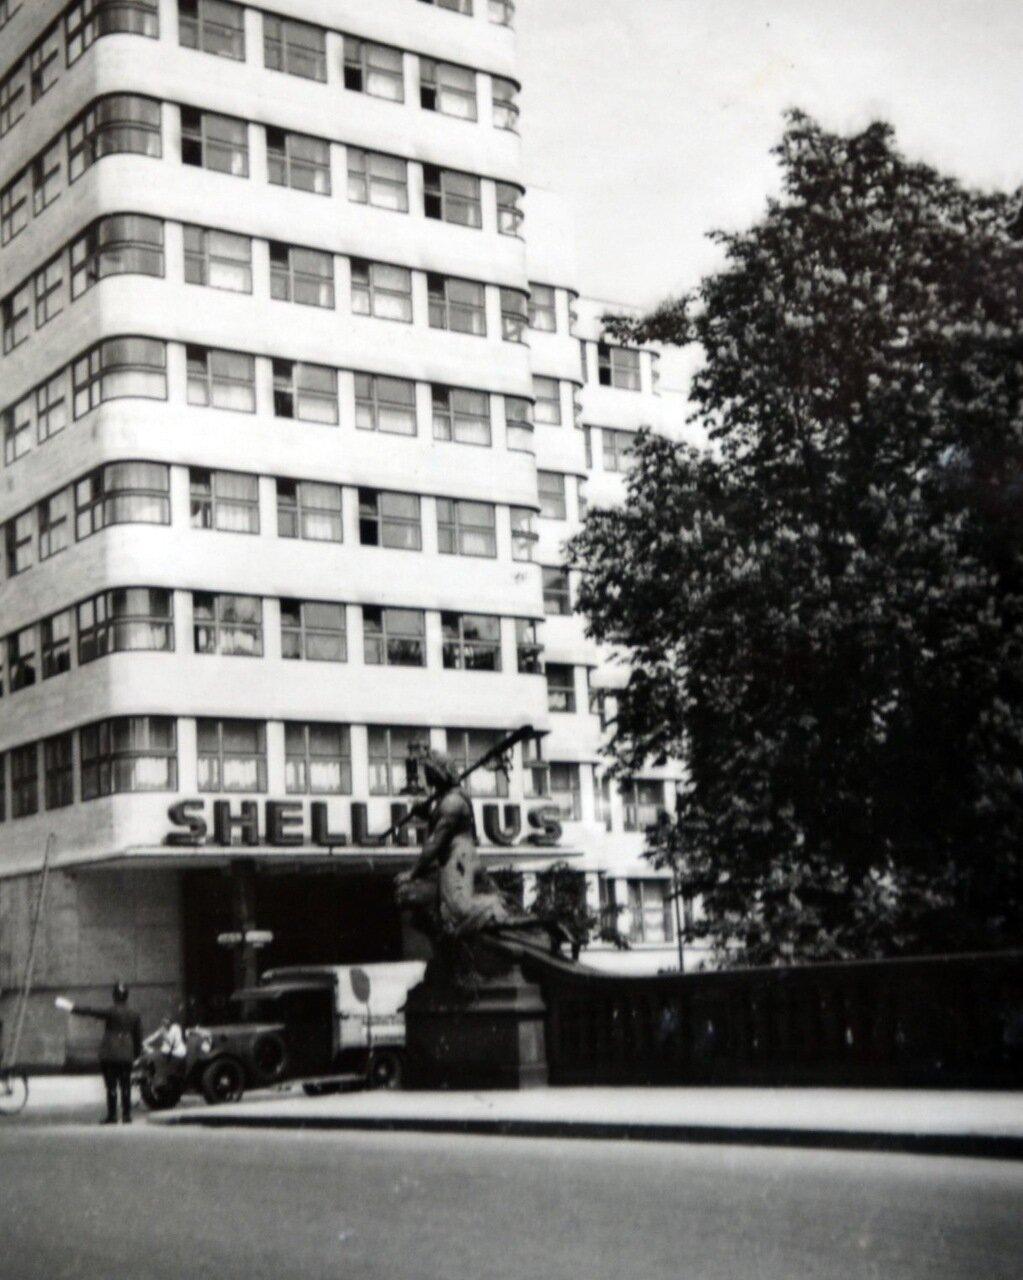 Берлин. Здание компании Шелл Петролиум. Май 1933